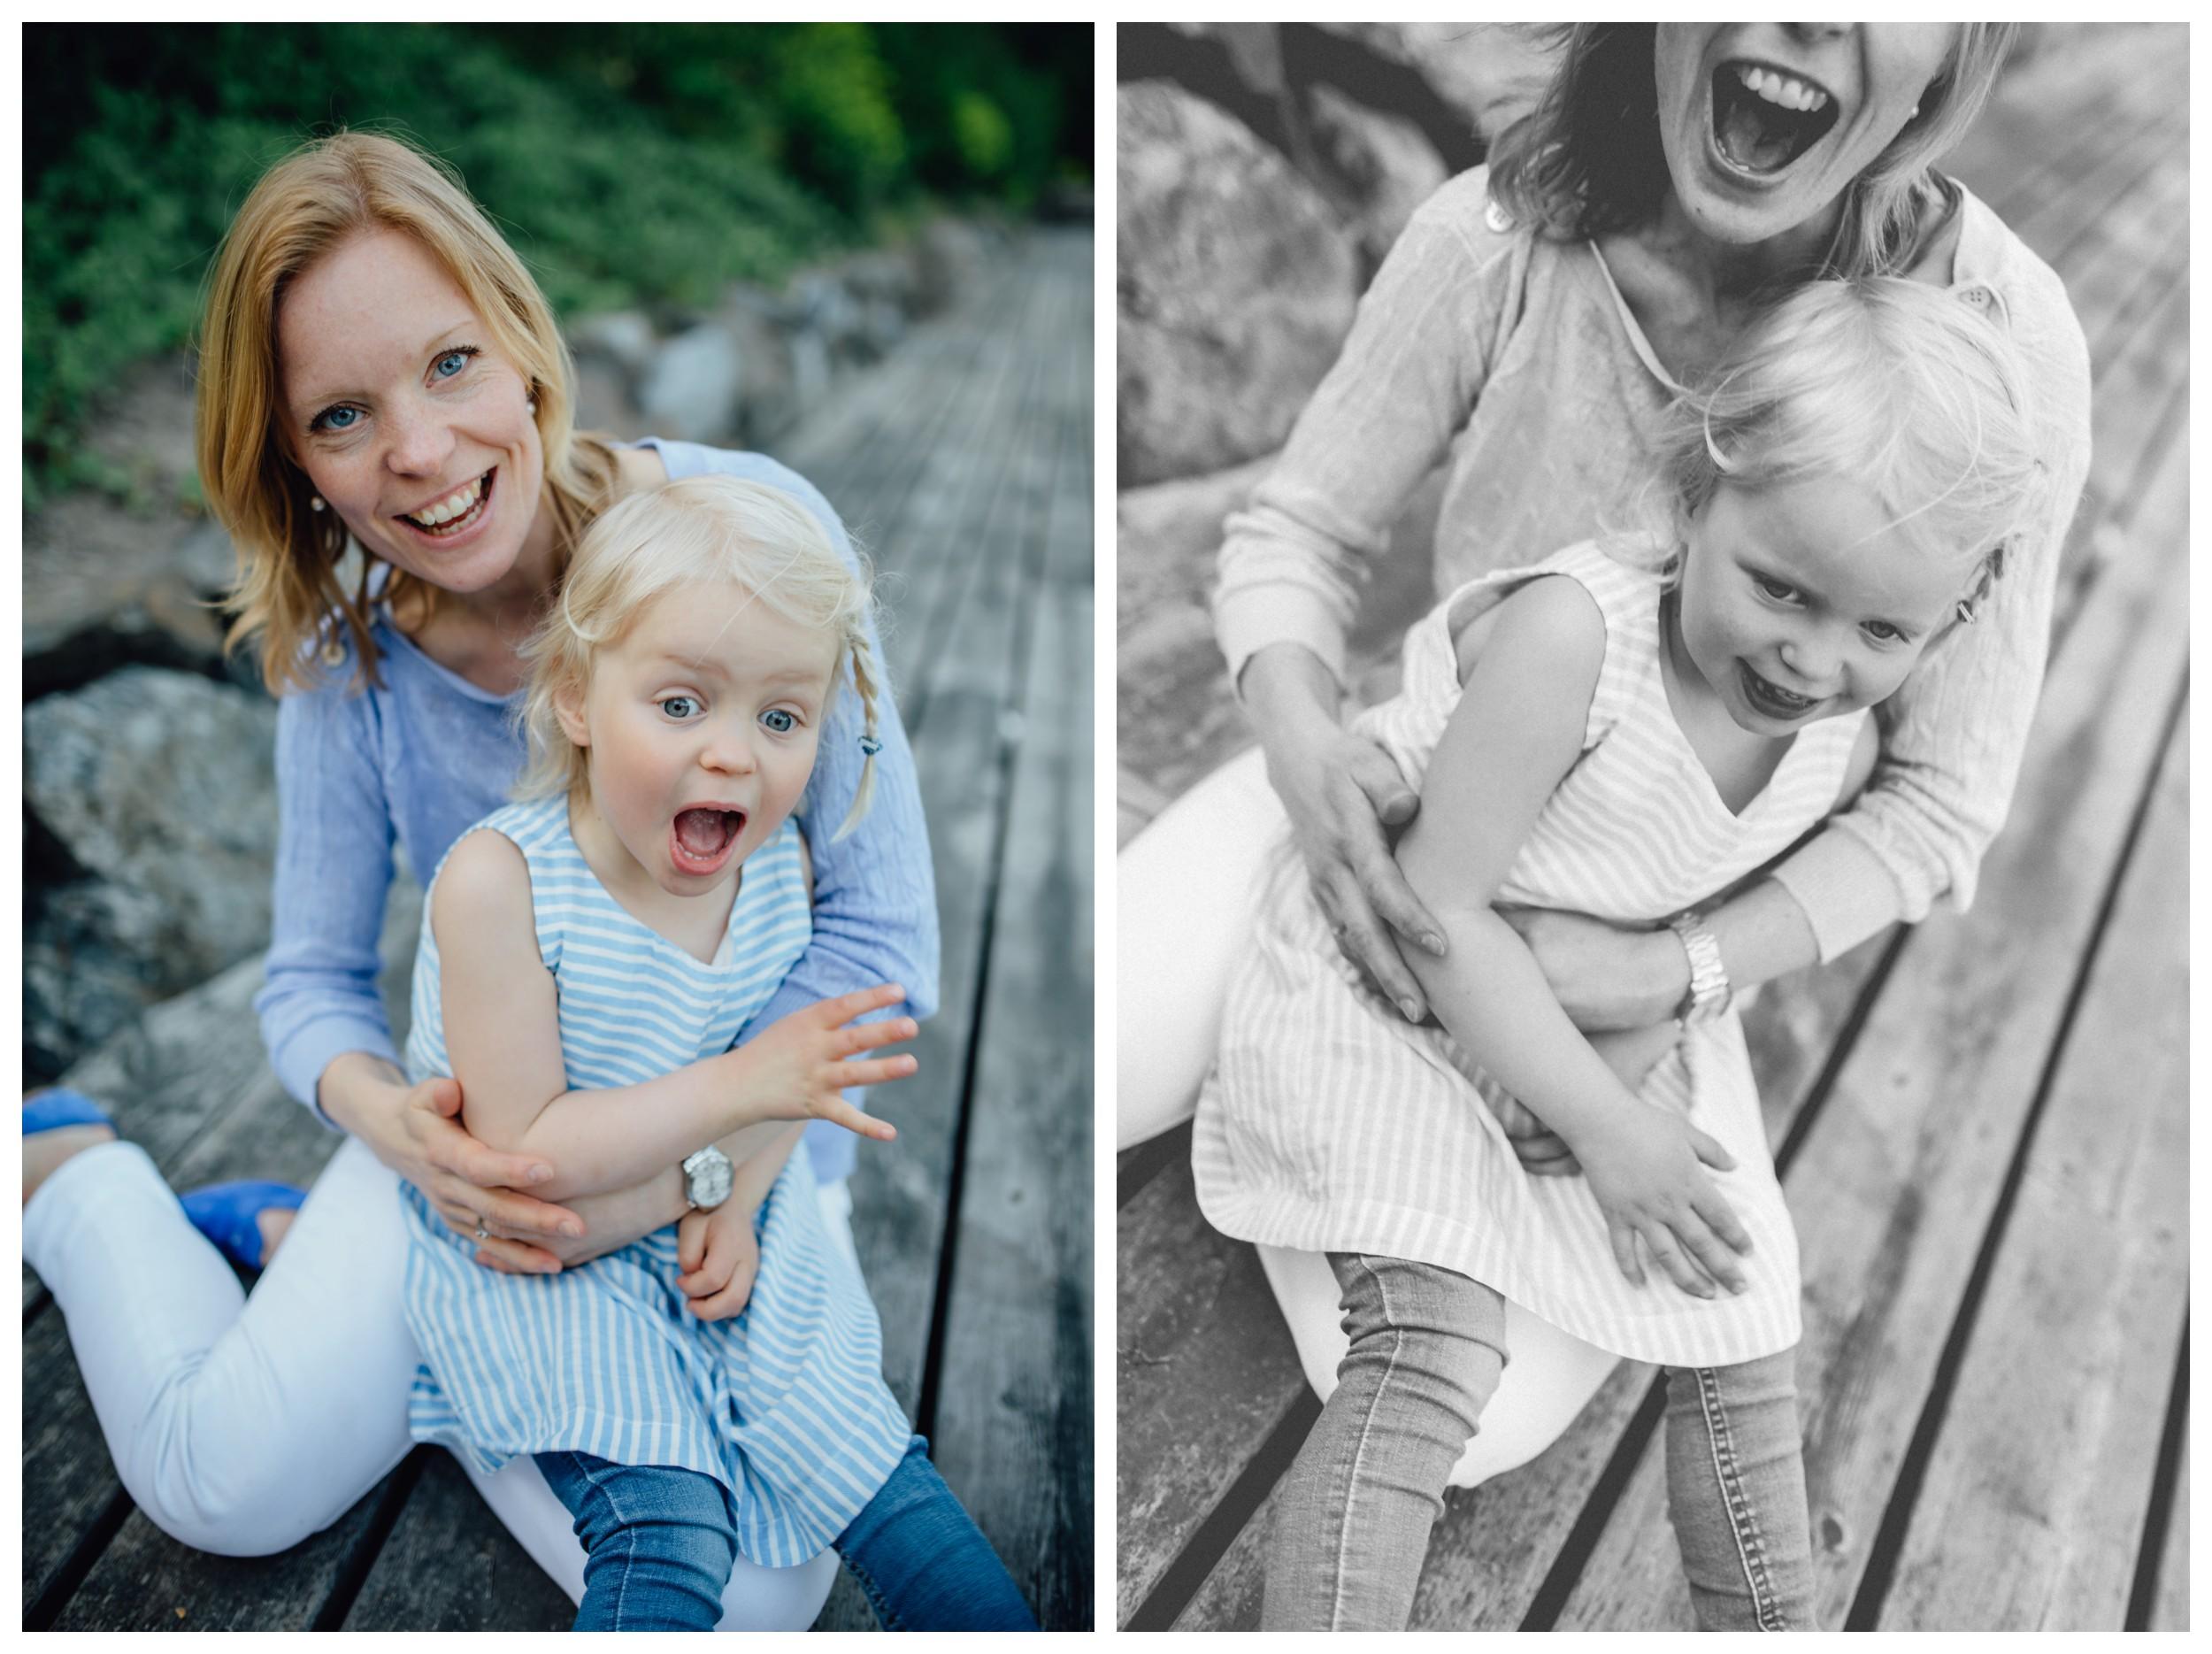 familjefotograf_stockholm_lindarehlin_familjefotografering_Basta familjefotografen_barnfotograf